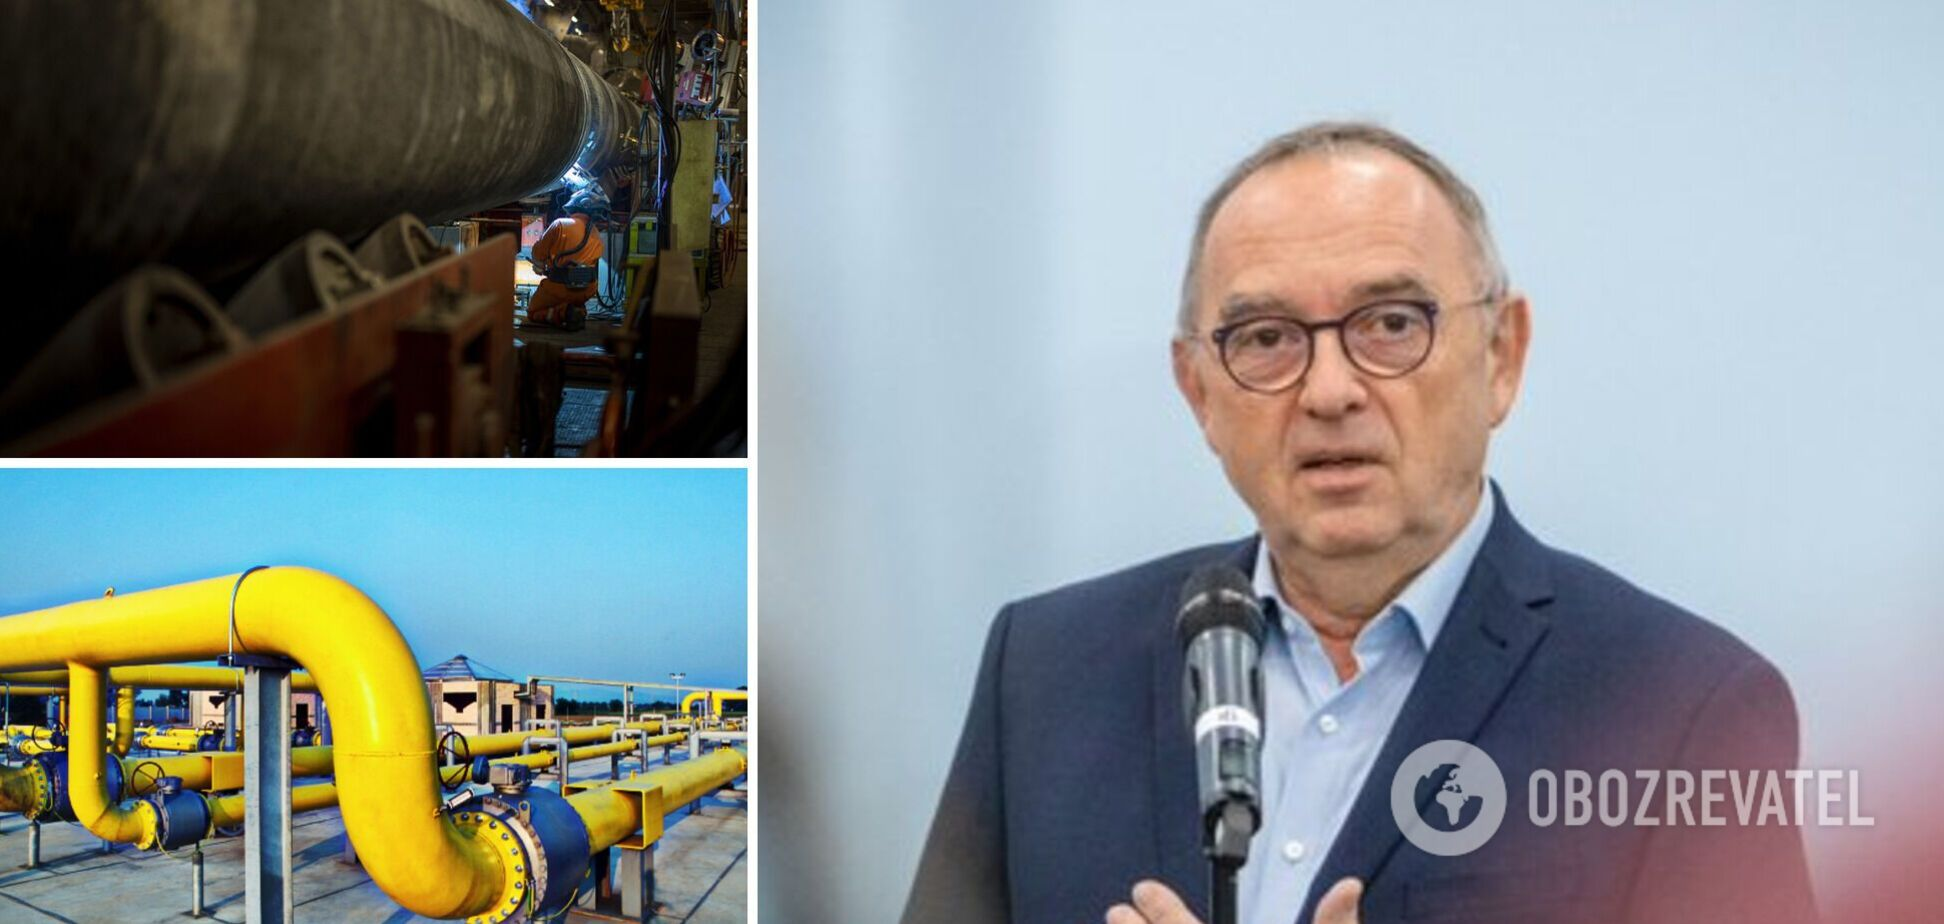 Глава партии-победителя выборов в ФРГ выступил за запуск 'Северного потока-2'